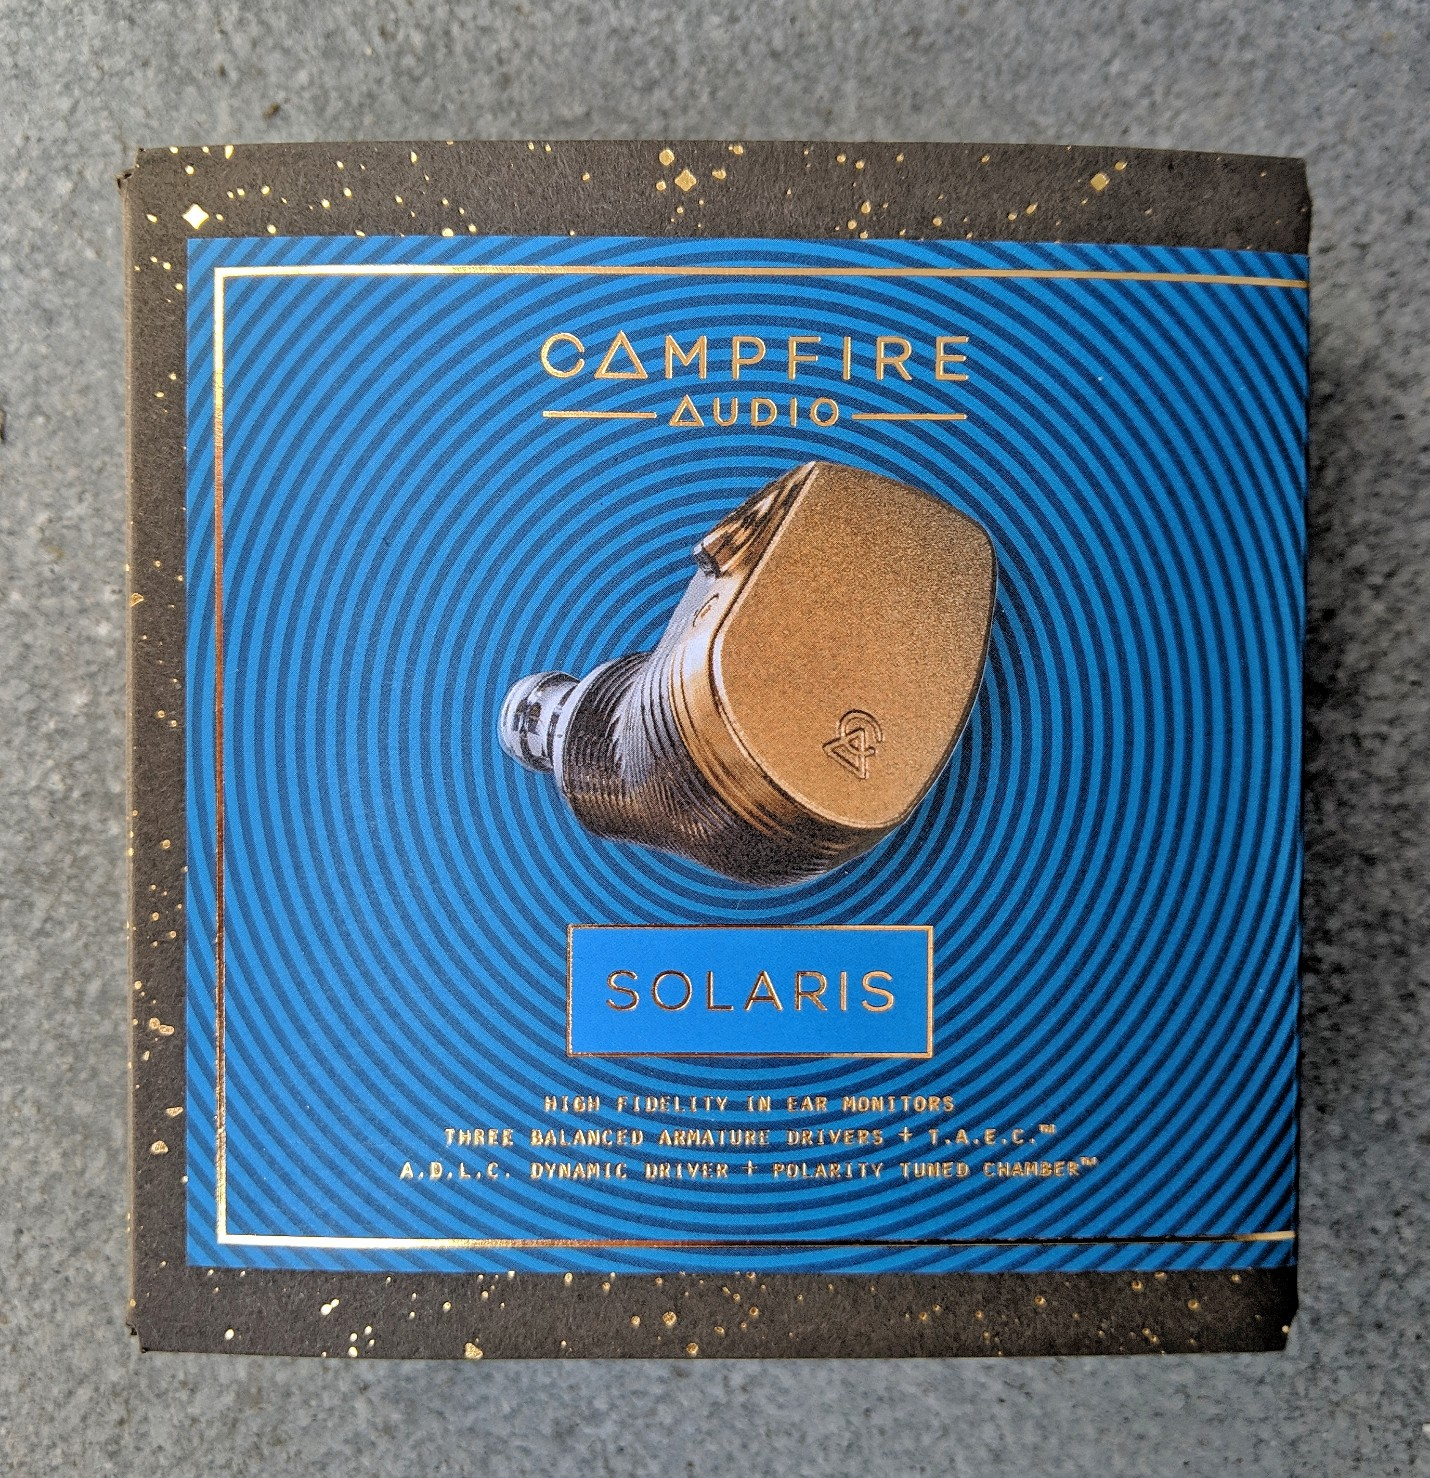 Campfire Audio Solaris box